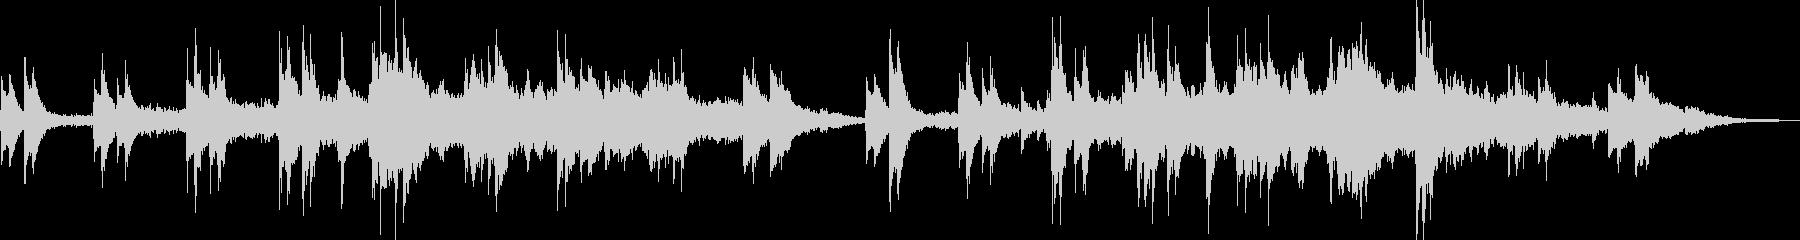 催眠スタッカート弦はピアノと持続弦...の未再生の波形